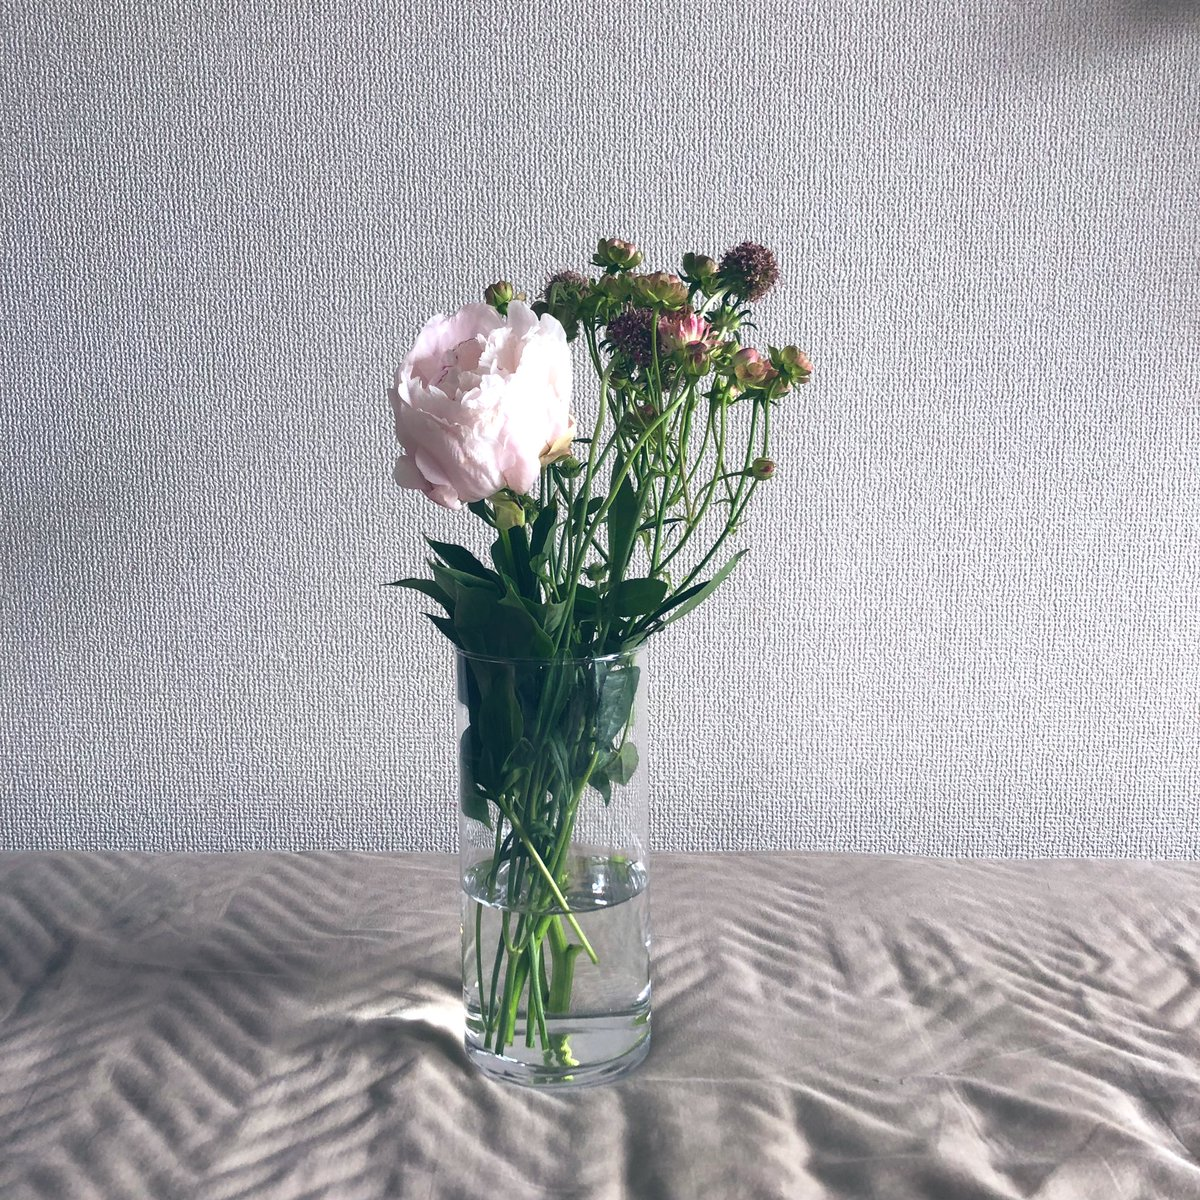 少し前に4月の花を買いました。4月の終わりに内定を頂き、嬉しくてすぐ花屋さんに向かいました。花屋のお姉さんとお話をしている最中に内定を頂いた自分へのご褒美なんです、と話したら「お疲れ様でした」という言葉と芍薬をプレゼントしてくれました。就職活動がんばってよかったです。